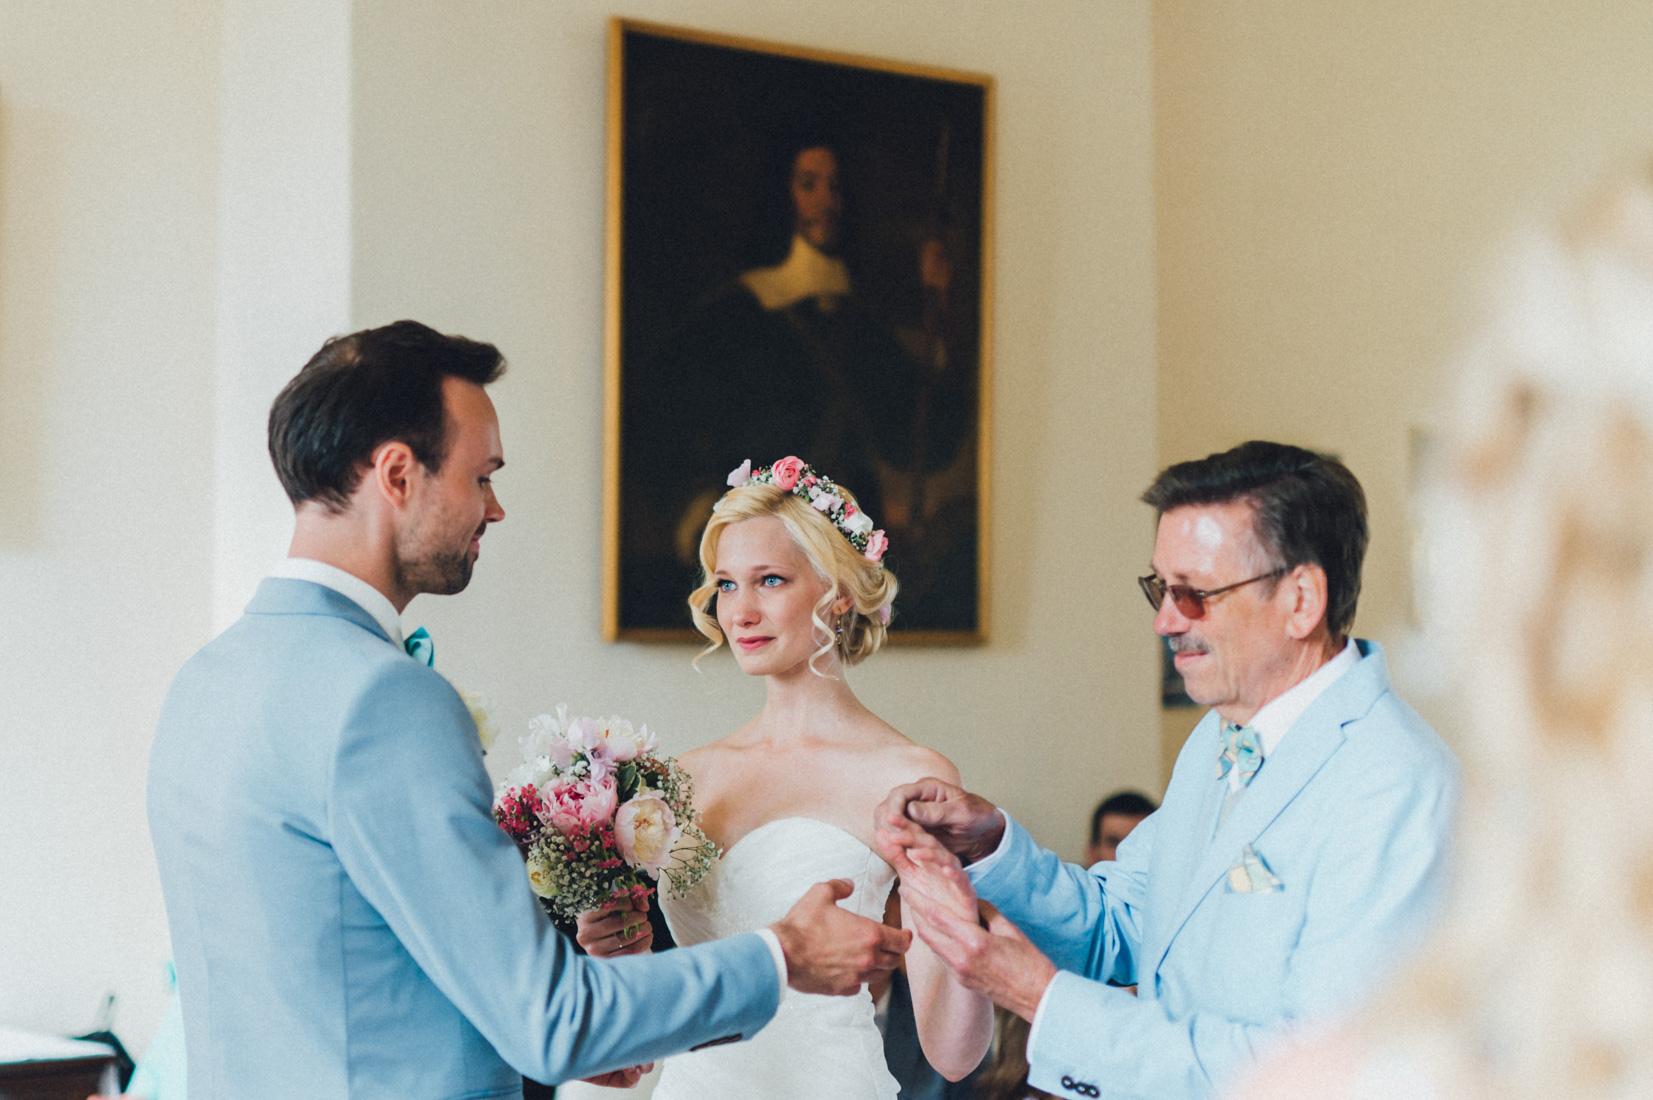 pastel-vintage-hertefeld-61 hochzeitsfotograf schloss hertefeldGalina & Robert DIY Pastel Vintage Hochzeit auf Schloss Hertefeldpastel vintage hertefeld 61